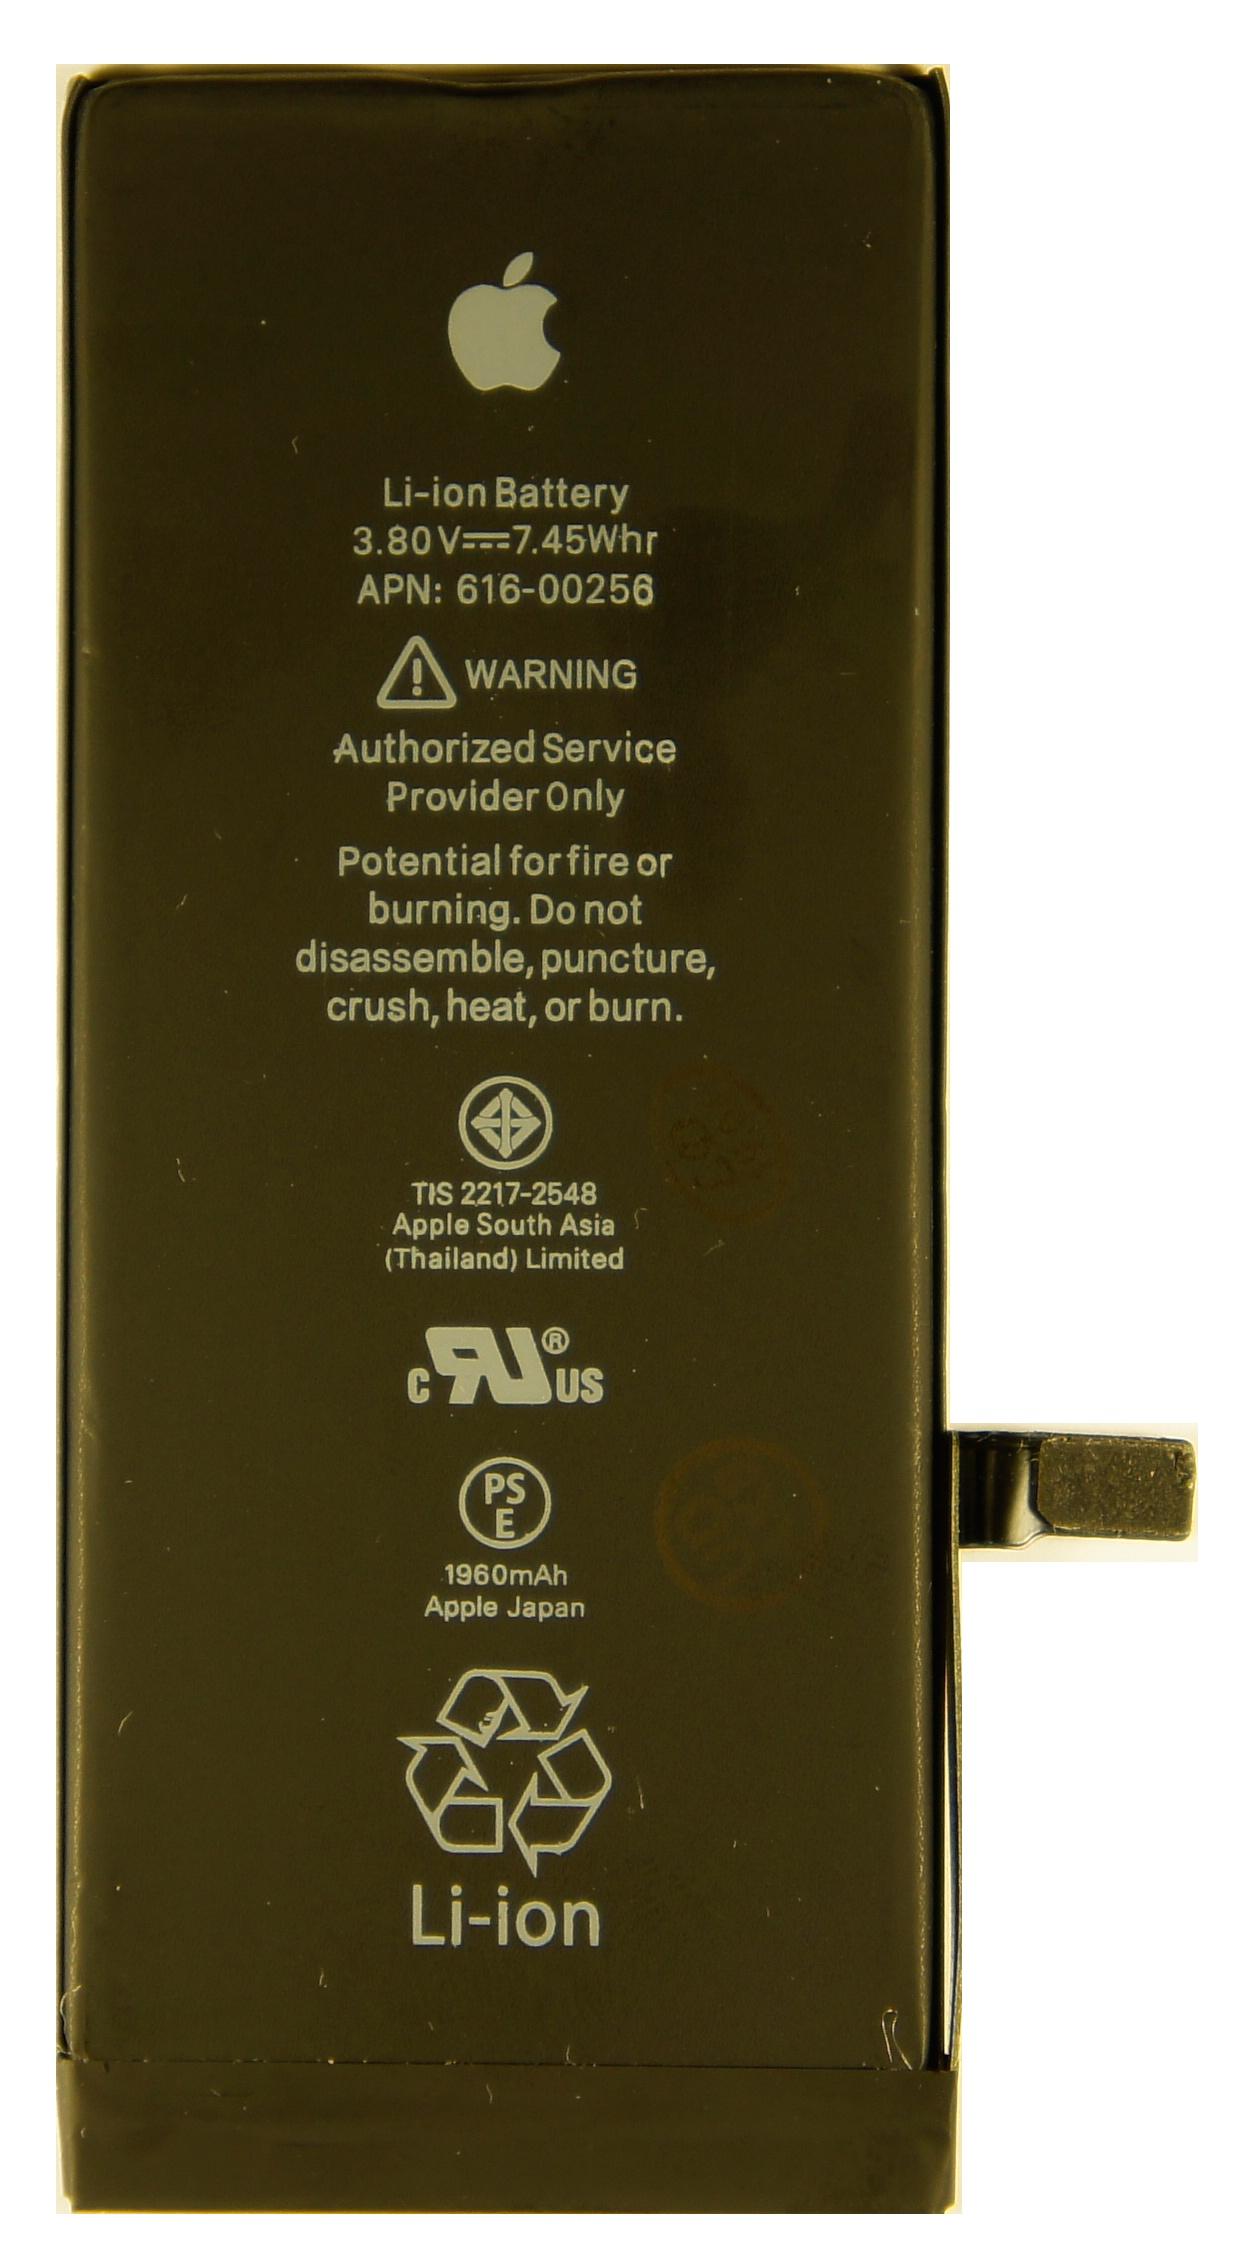 Аккумулятор для телефона Apple iPhone 7 (616-00256) 1960mAh аккумулятор для телефона craftmann для apple iphone 6 с повышенной ёмкостью до 2170 mah 616 0807